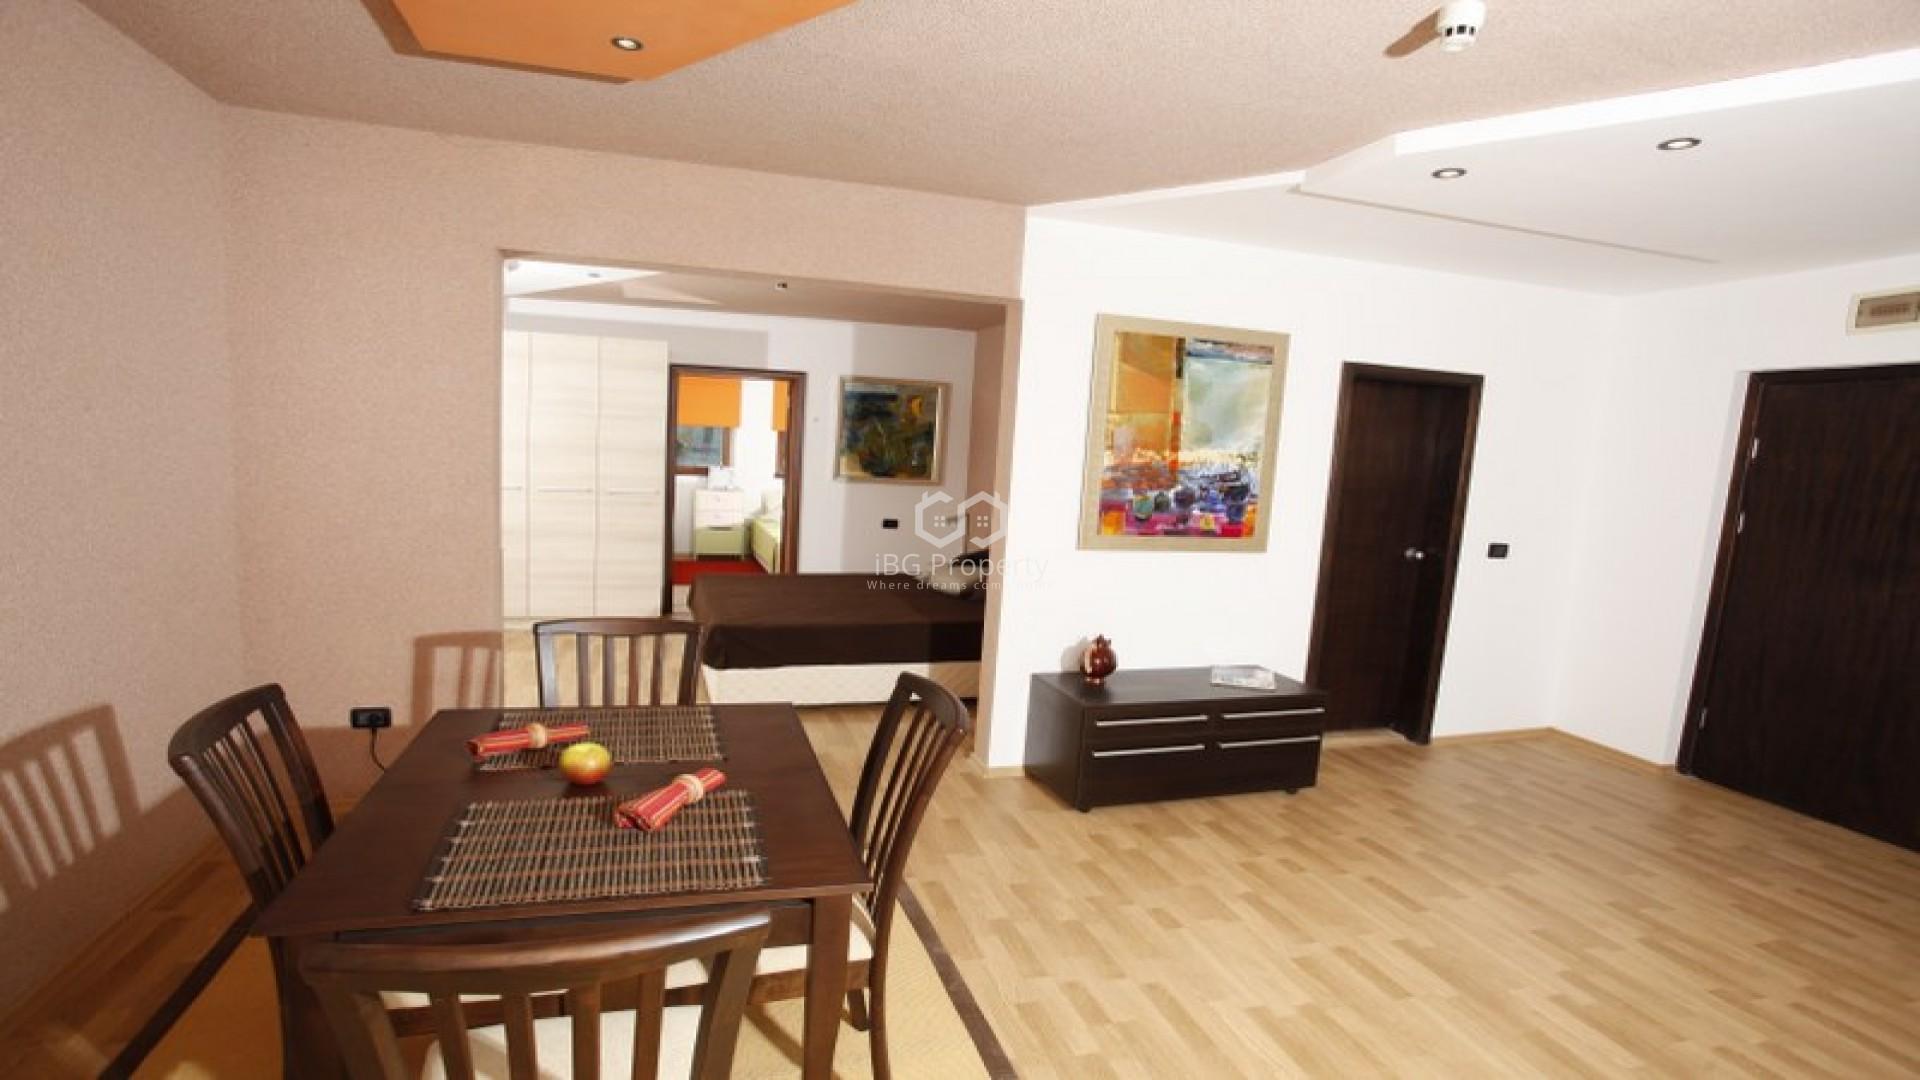 Трехкомнатная квартира Бяла  97 m2